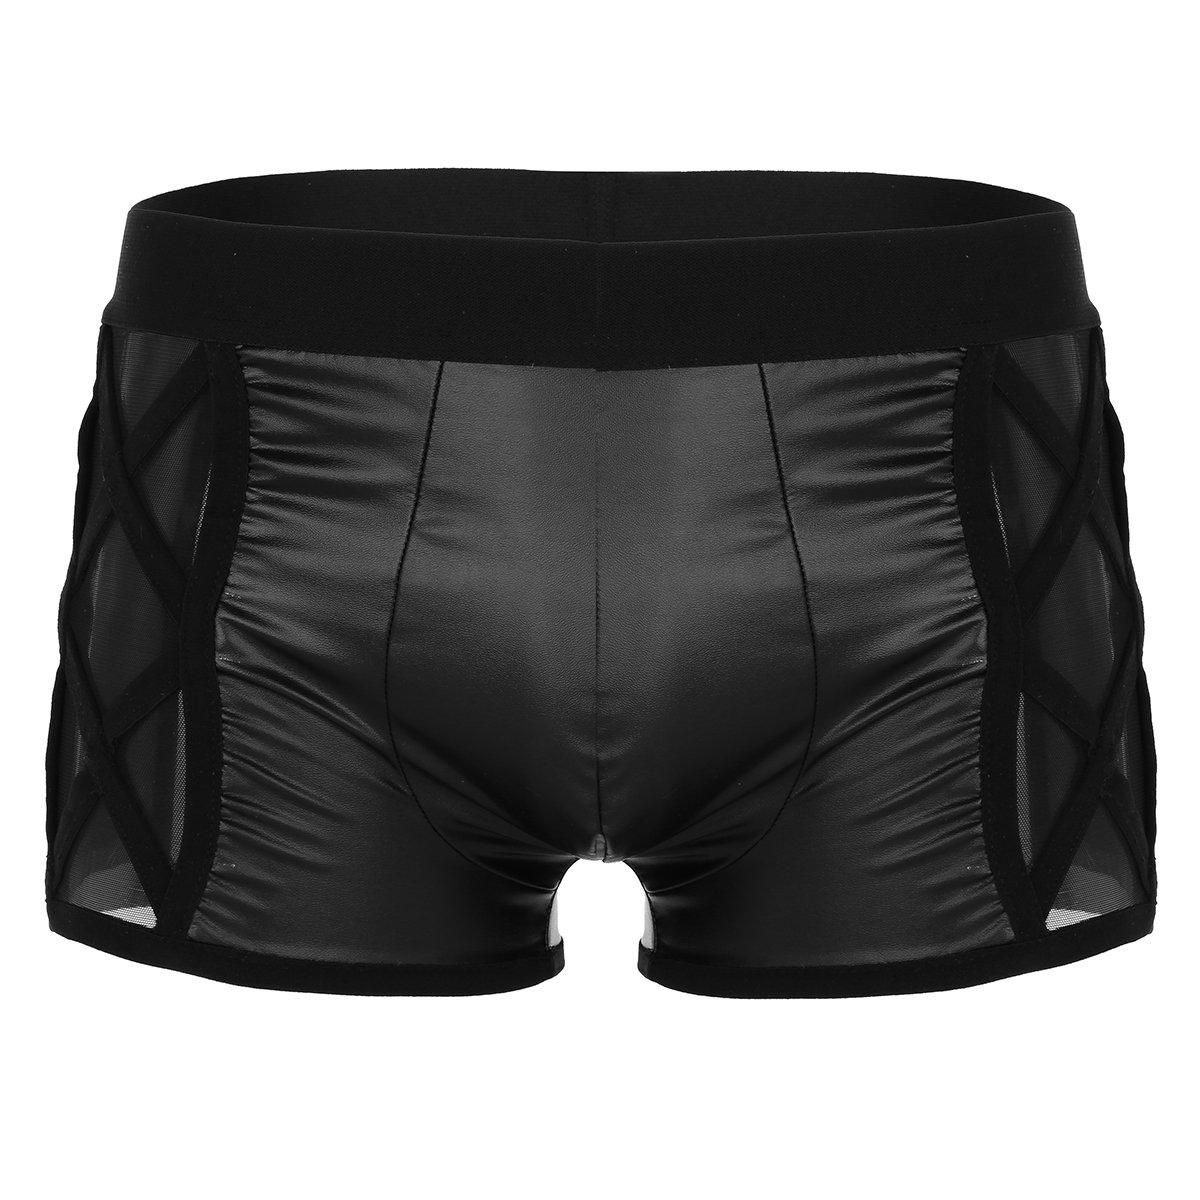 FEESHOW Men's Faux Leather Bulge Pouch Boxer Shorts Briefs Underwear Pants